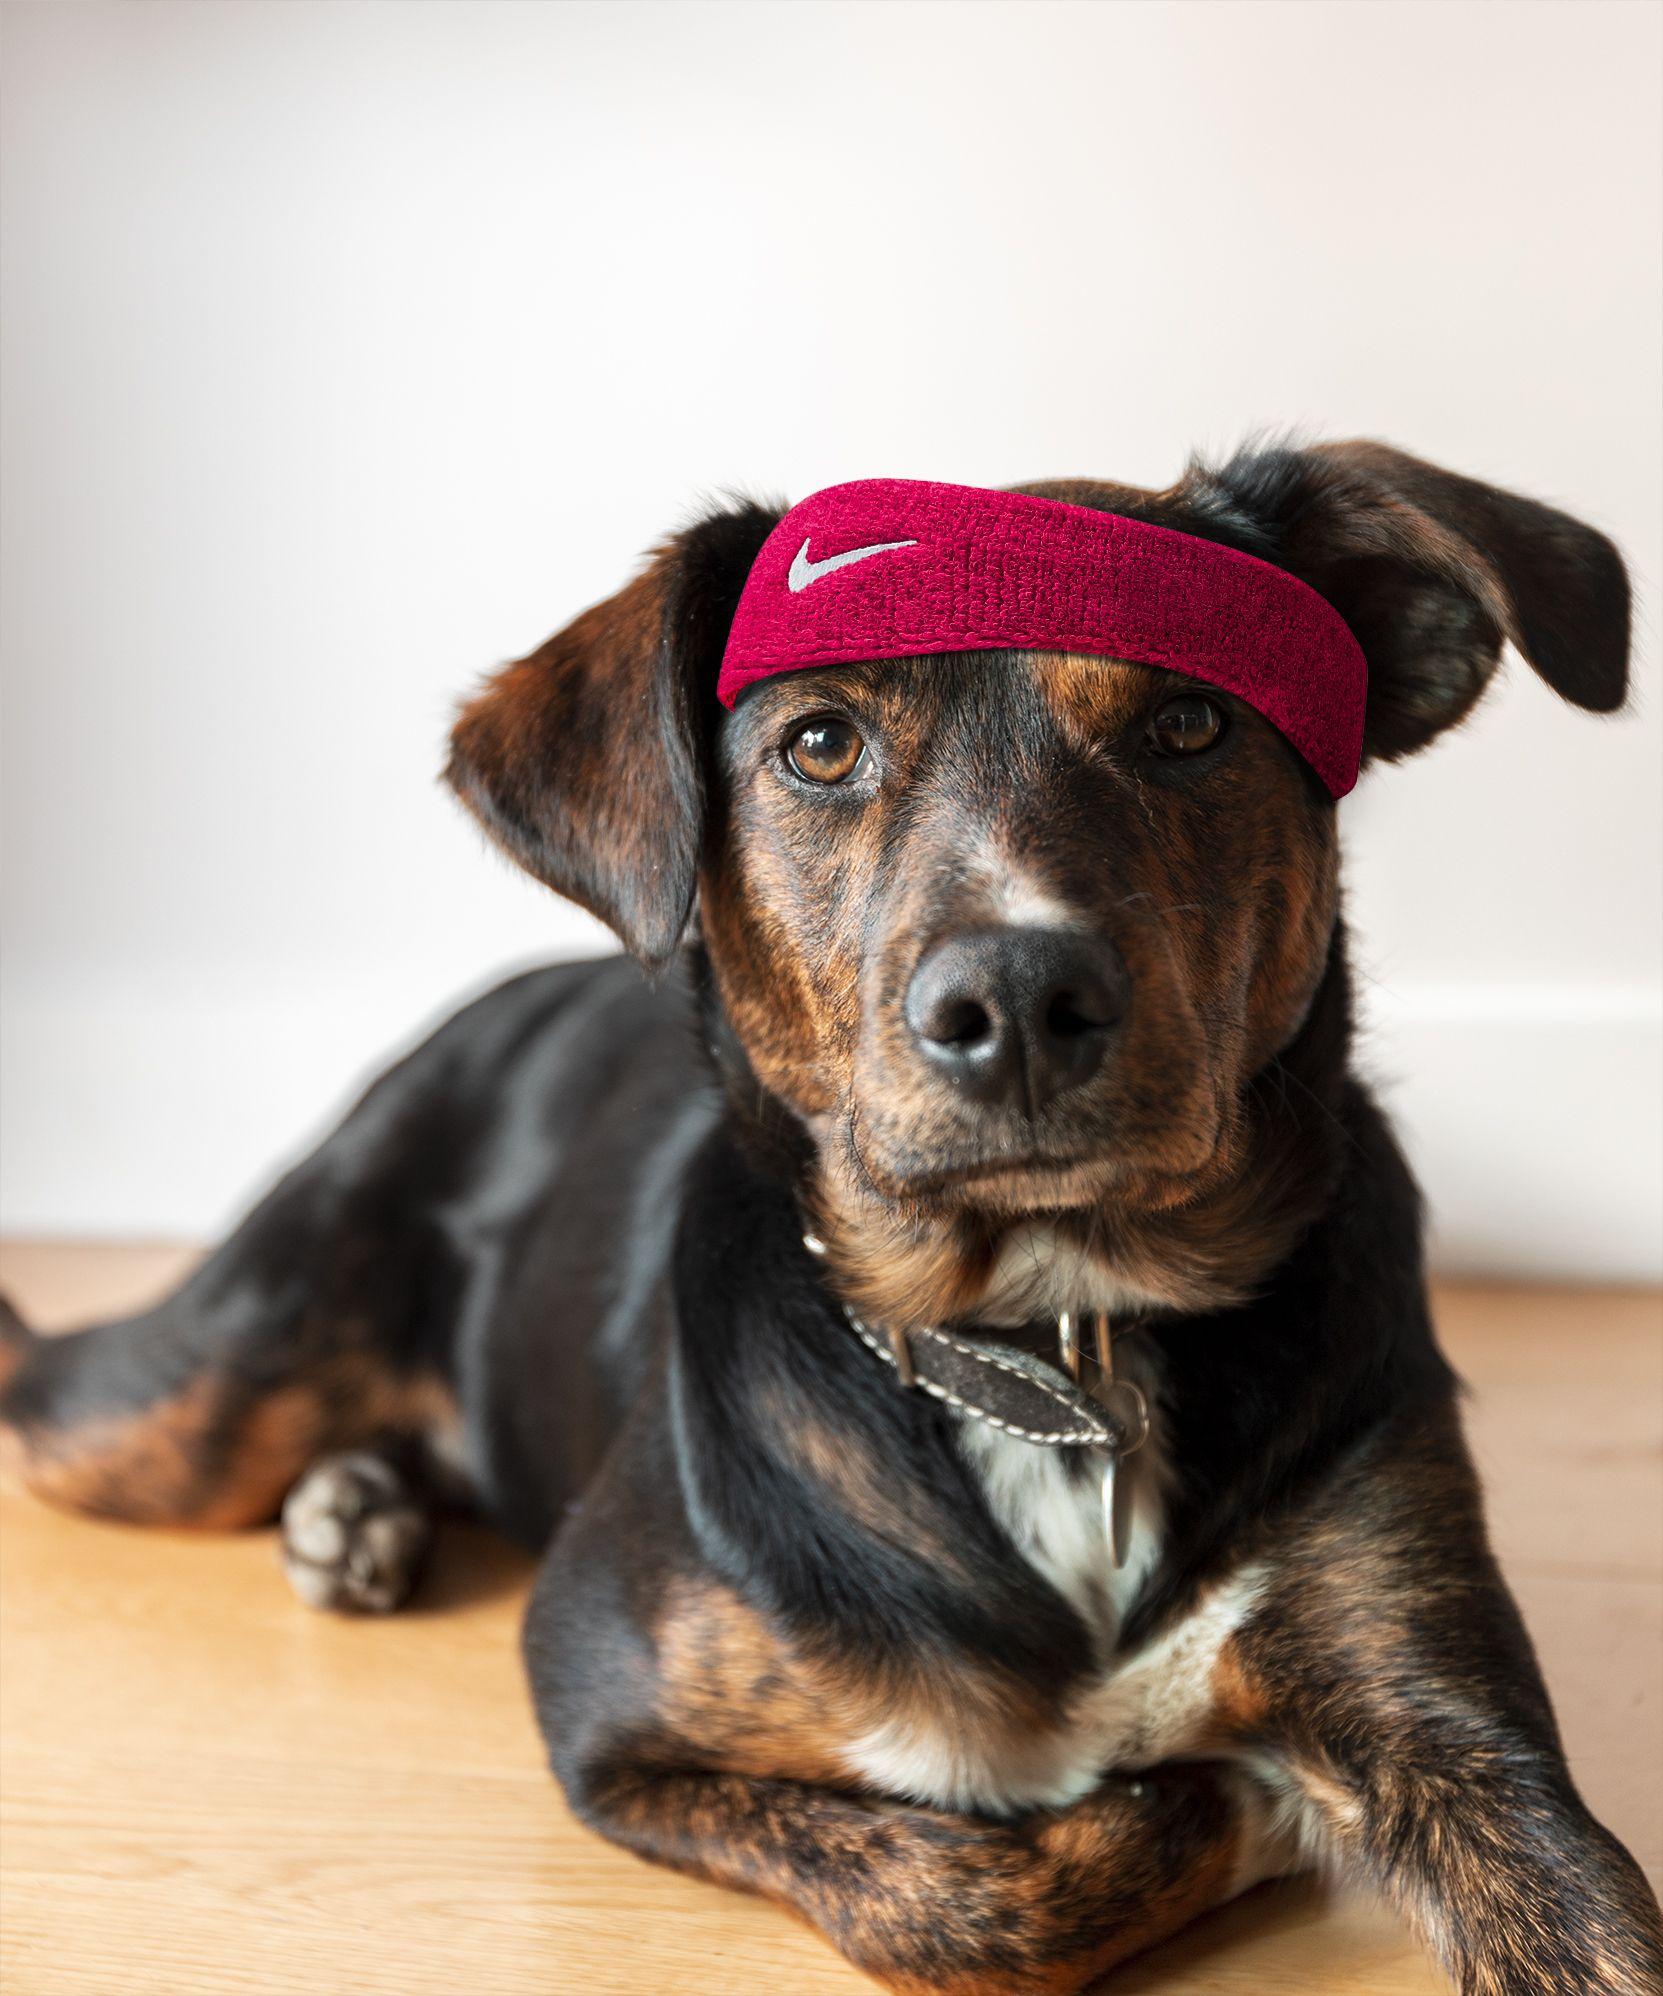 Un perro para fotografiar